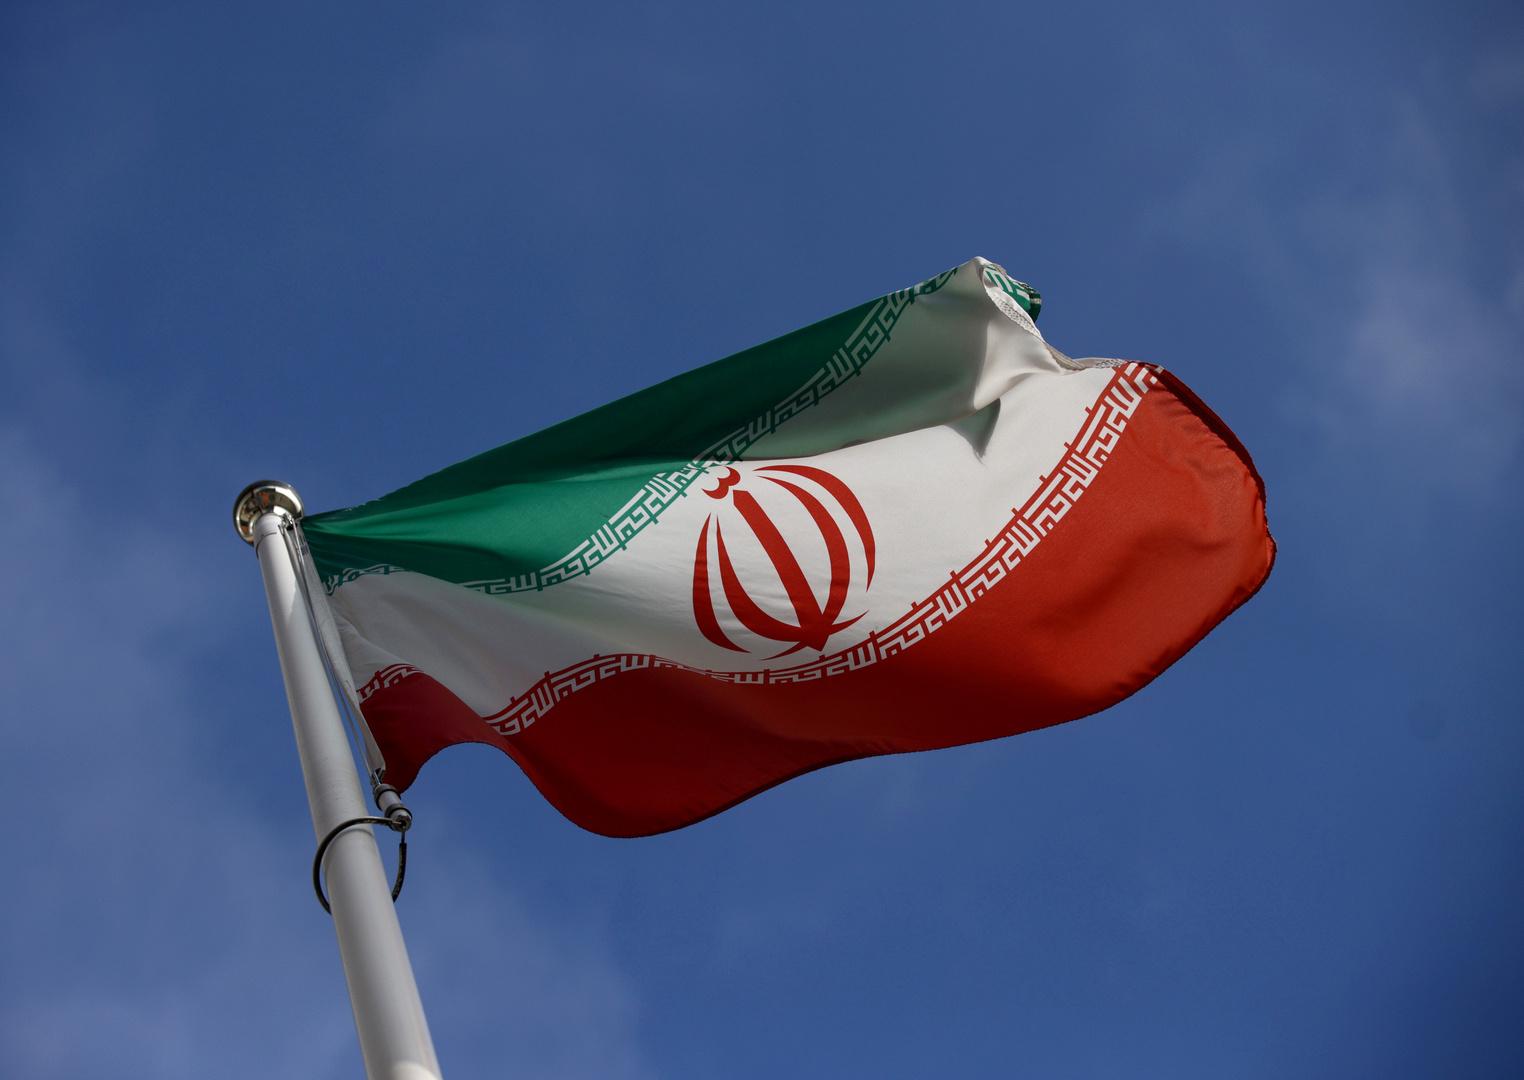 إيران: بيان مجلس التعاون الخليجي دليل على ضغط السعودية على أعضائه